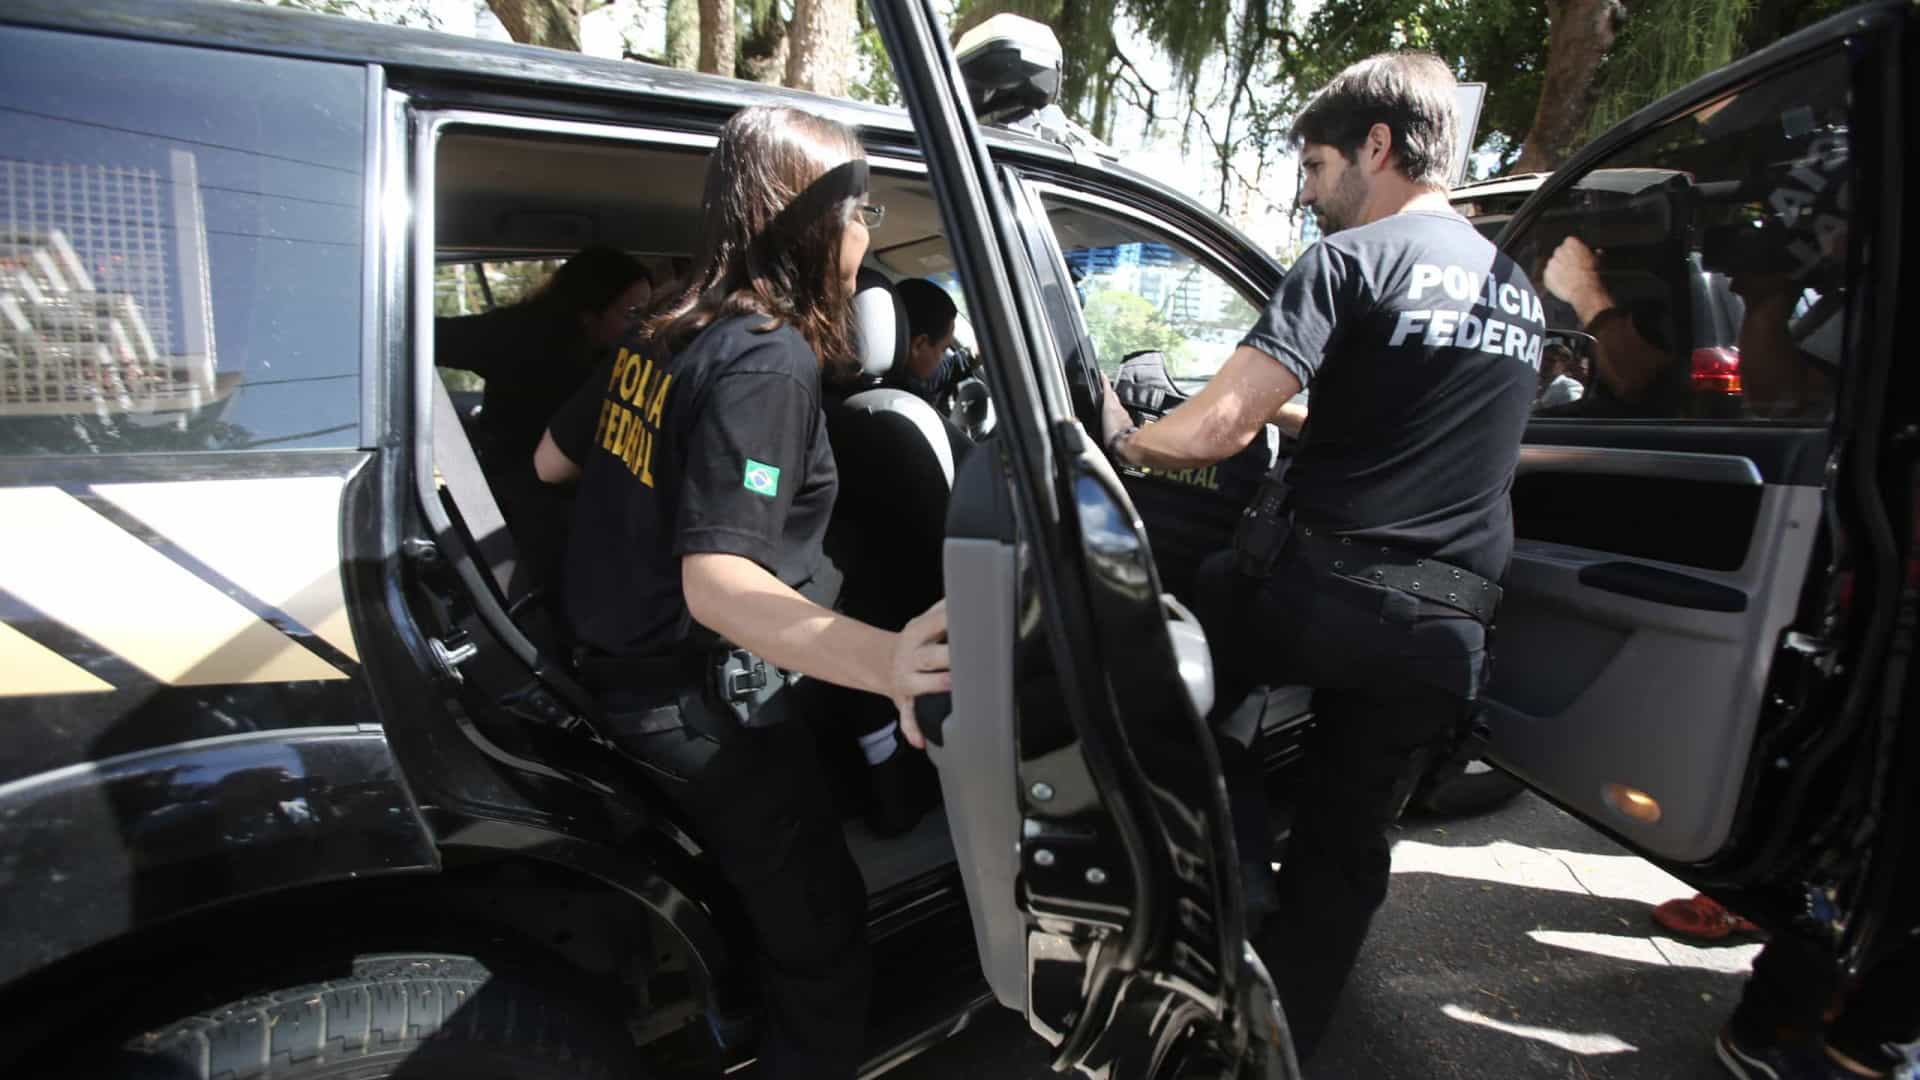 Polícia Federal realiza operação no âmbito do inquérito das fake news